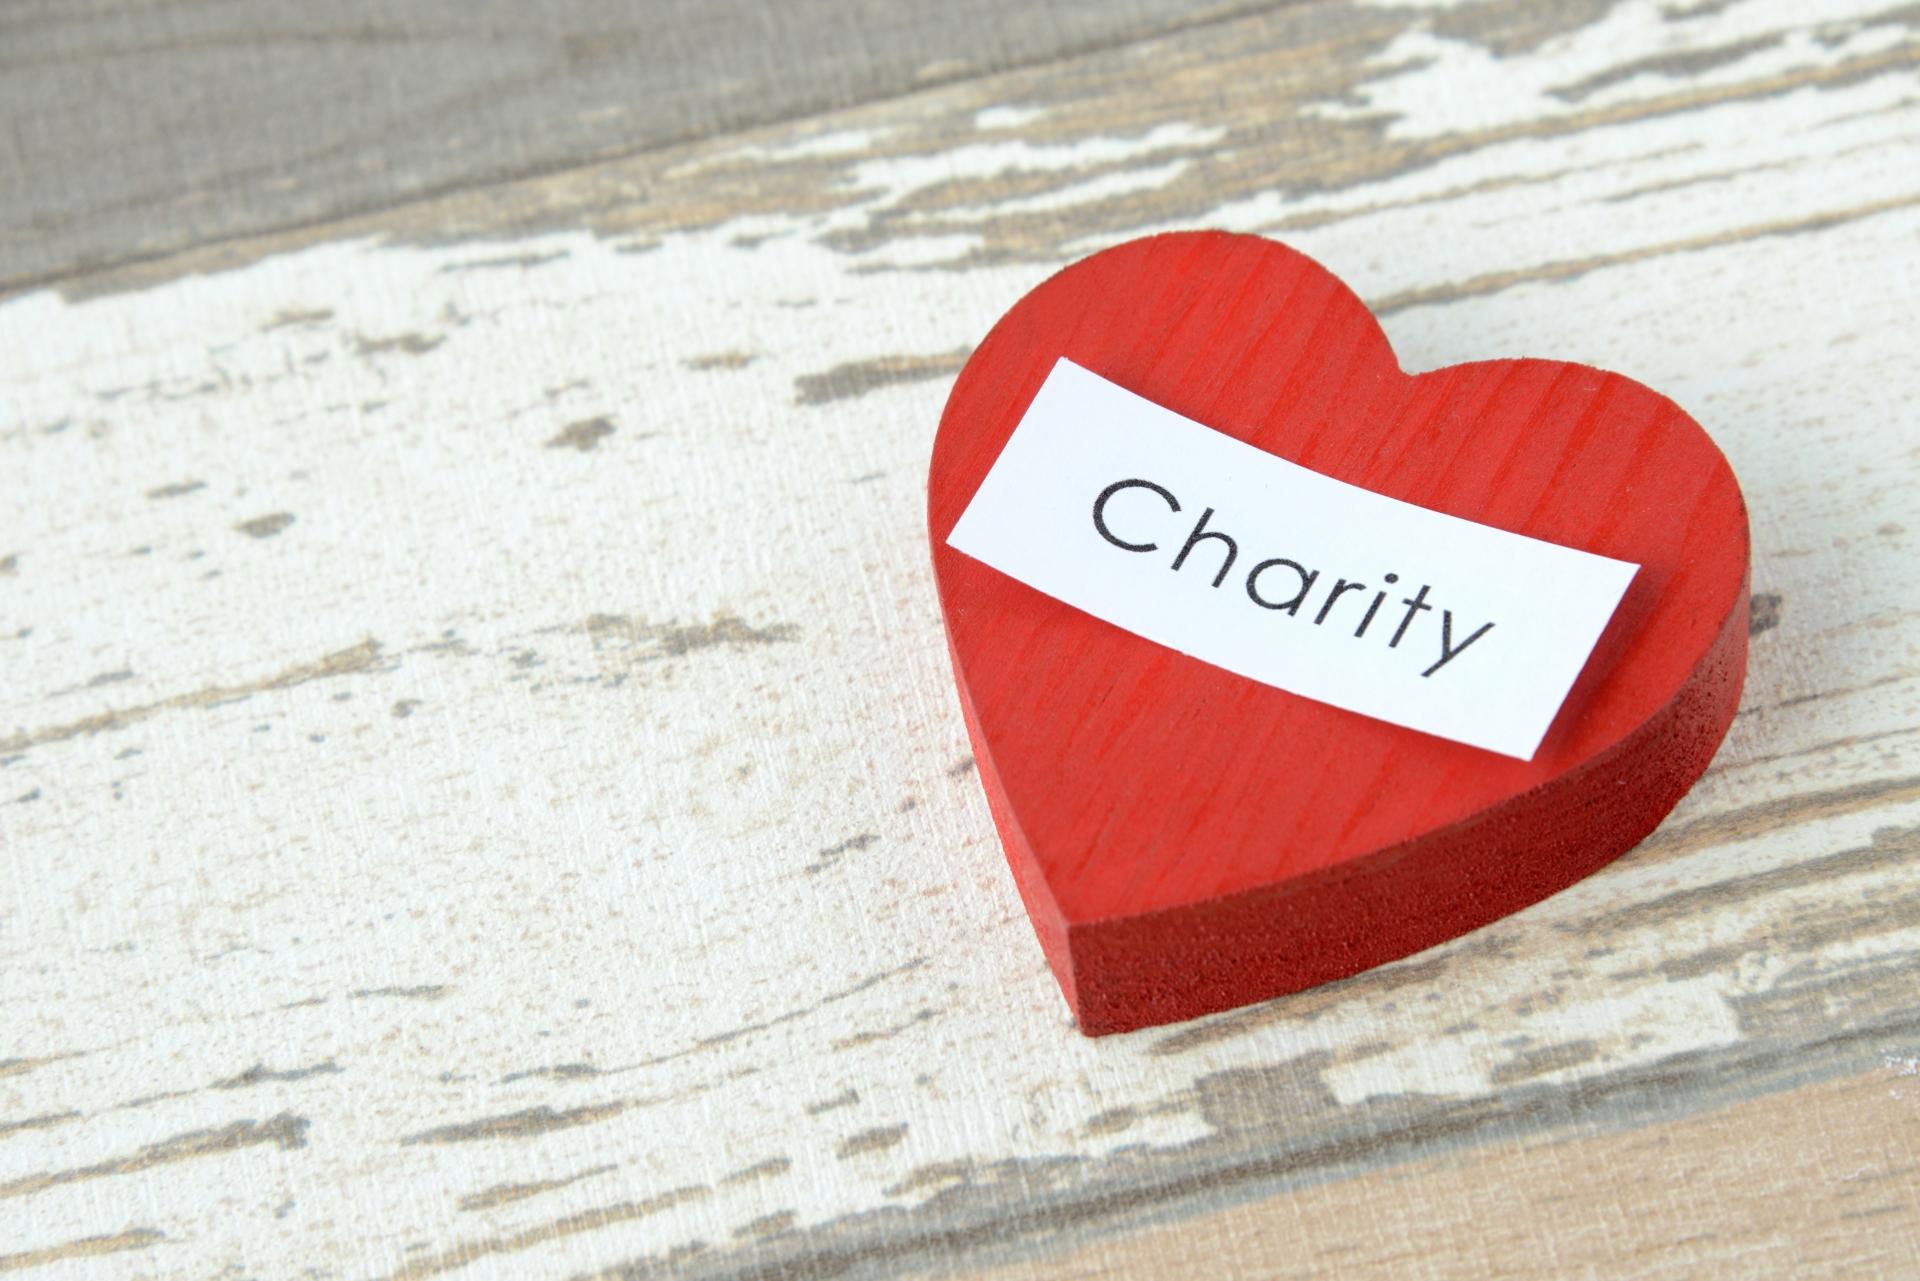 不用品の寄付のカラクリからオススメの寄付方法・寄付団体の選び方